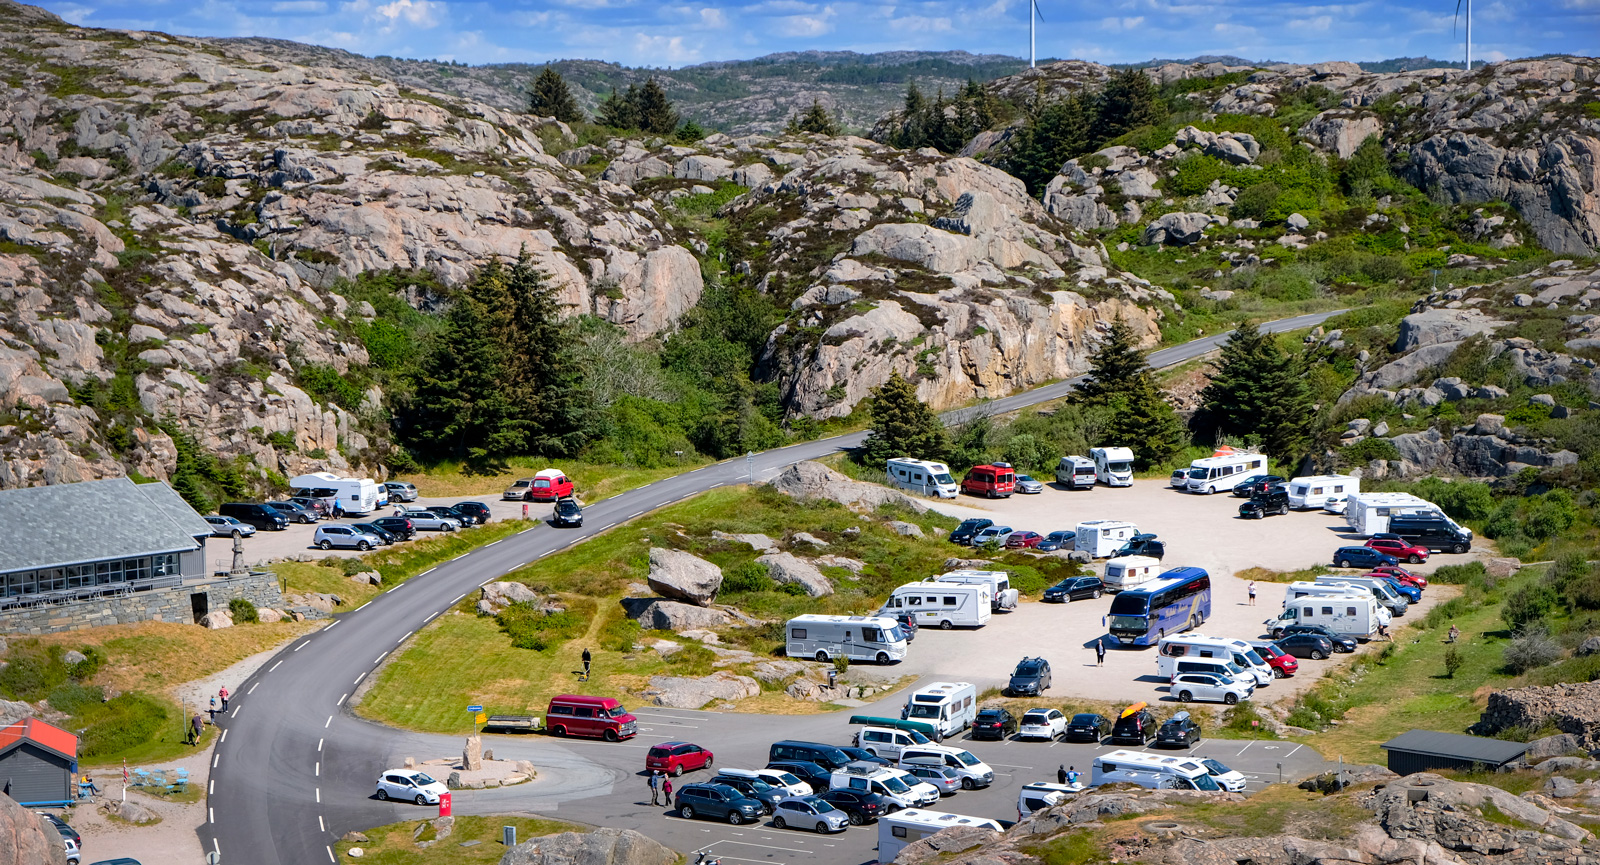 Norge lockar husbilsresenärer från när och fjärran. Parkeringen vid Lindesnes rymde denna dag bilar från mer än tio olika länder.